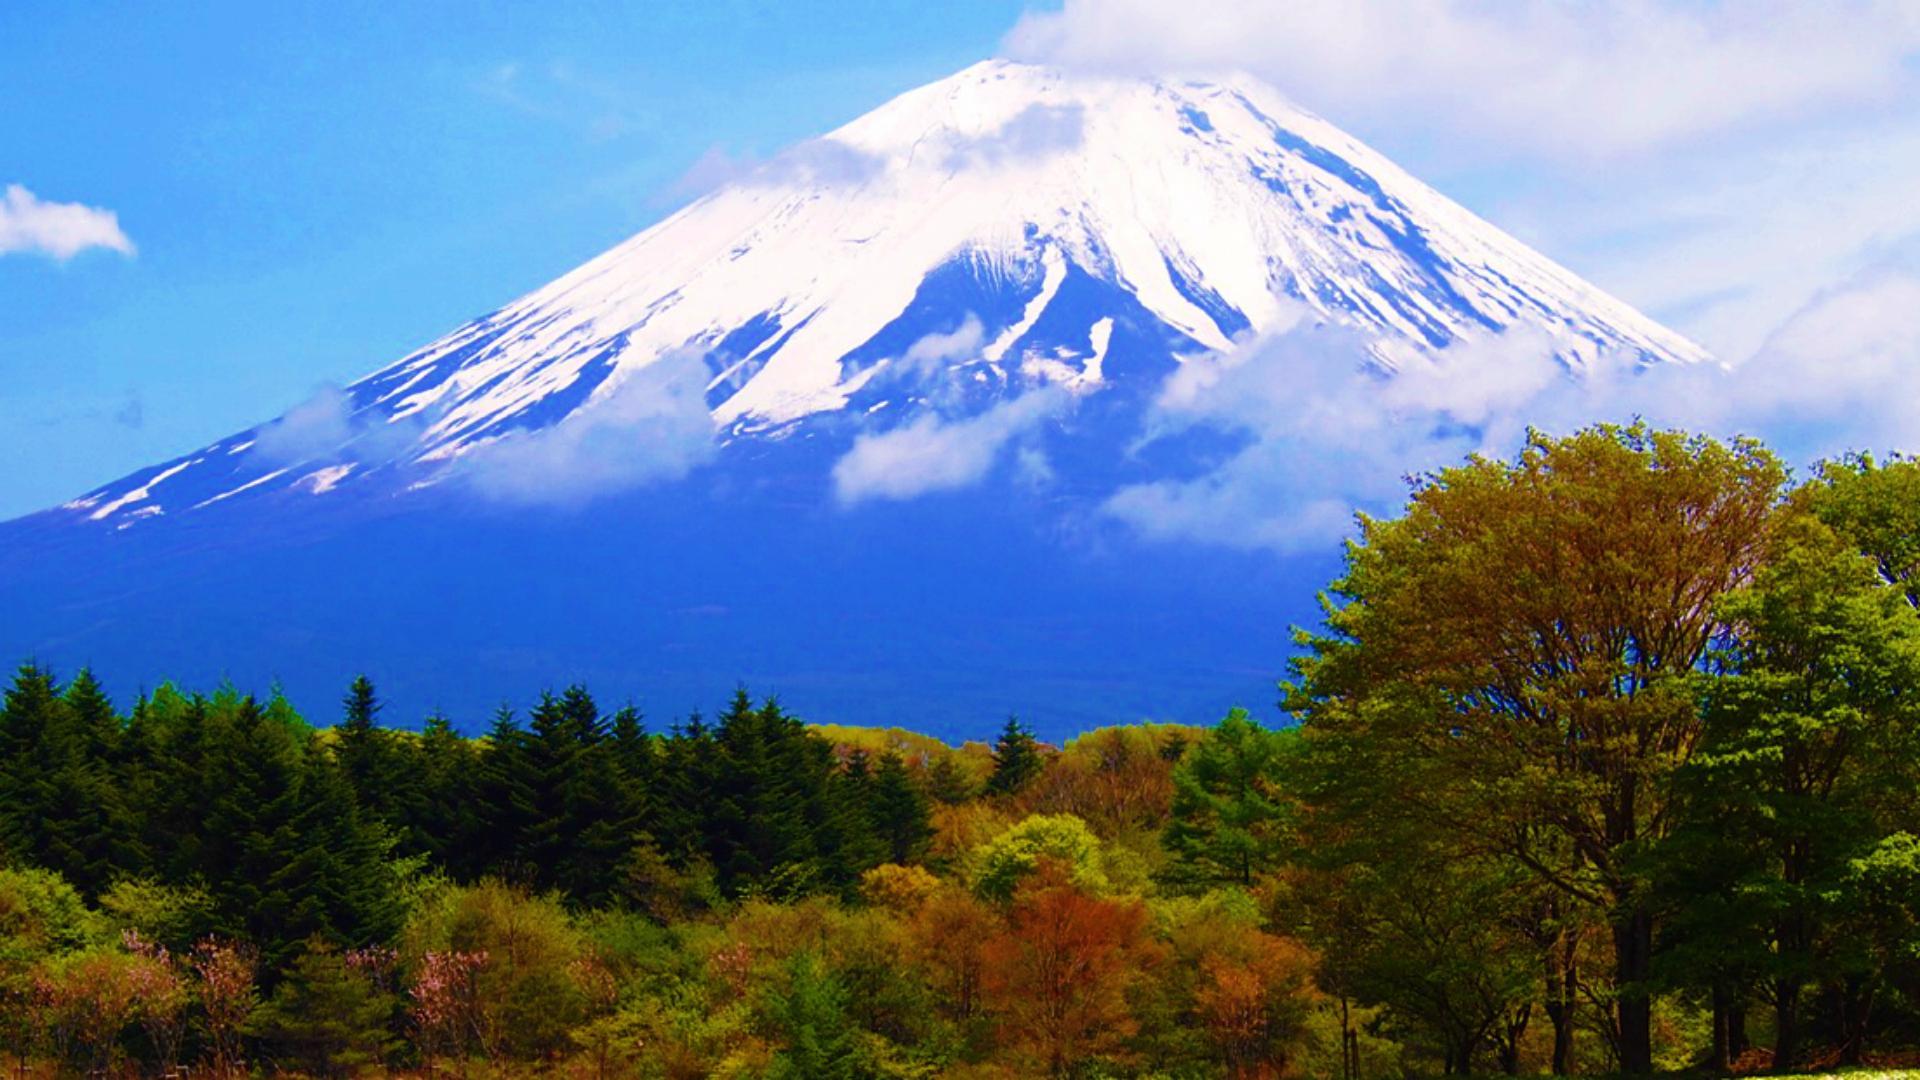 Japan Wallpaper High Resolution Japanese Mountain 1920x1080 Download Hd Wallpaper Wallpapertip